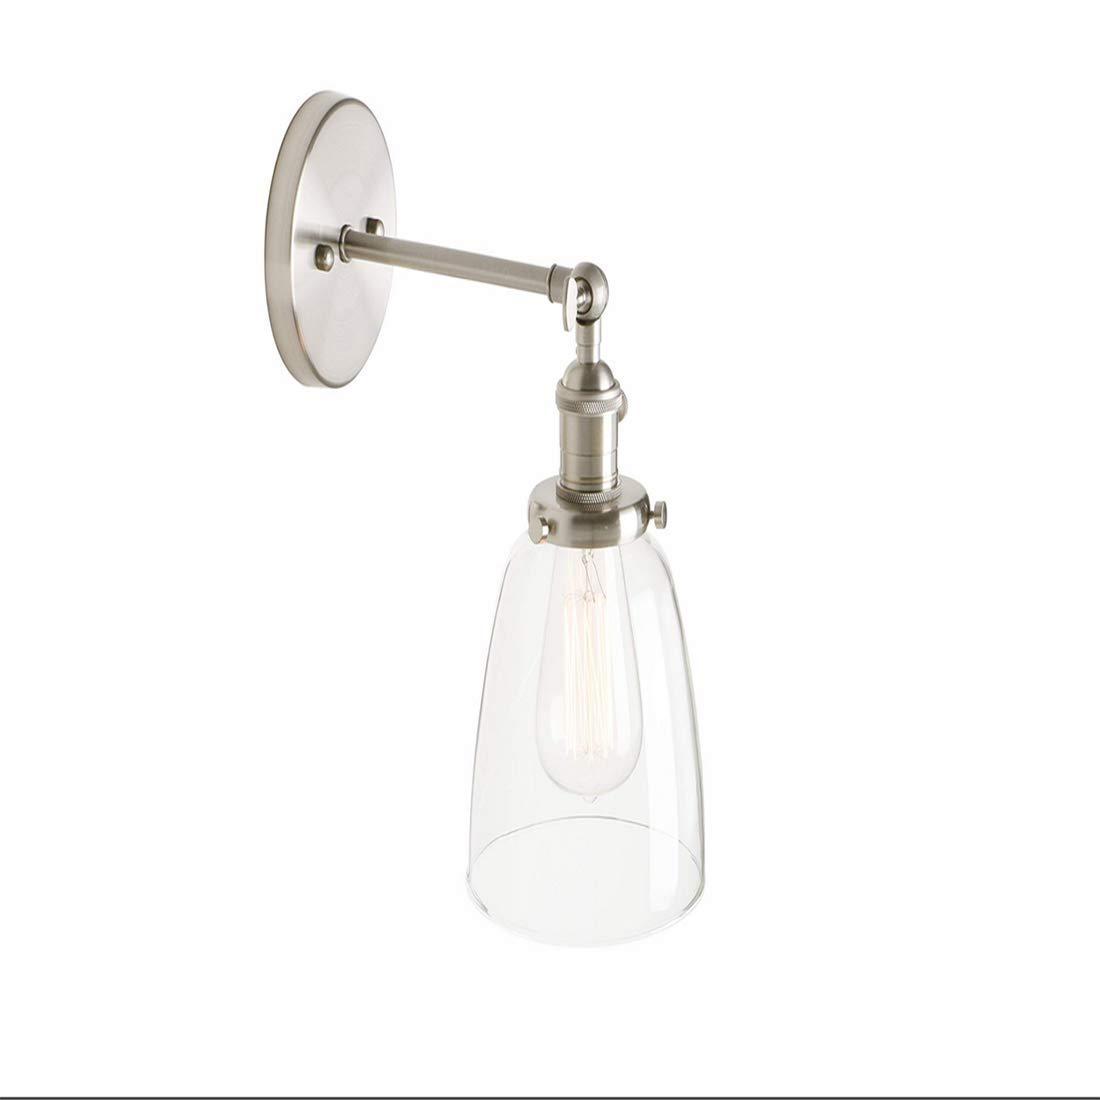 Industrielle Vintage Moderne Wandleuchte Armaturen Loft Bar Küchenlampe Wandleuchte Leuchte mit 5,5 Klarglas Lampenschirm E27 (gebürstet)